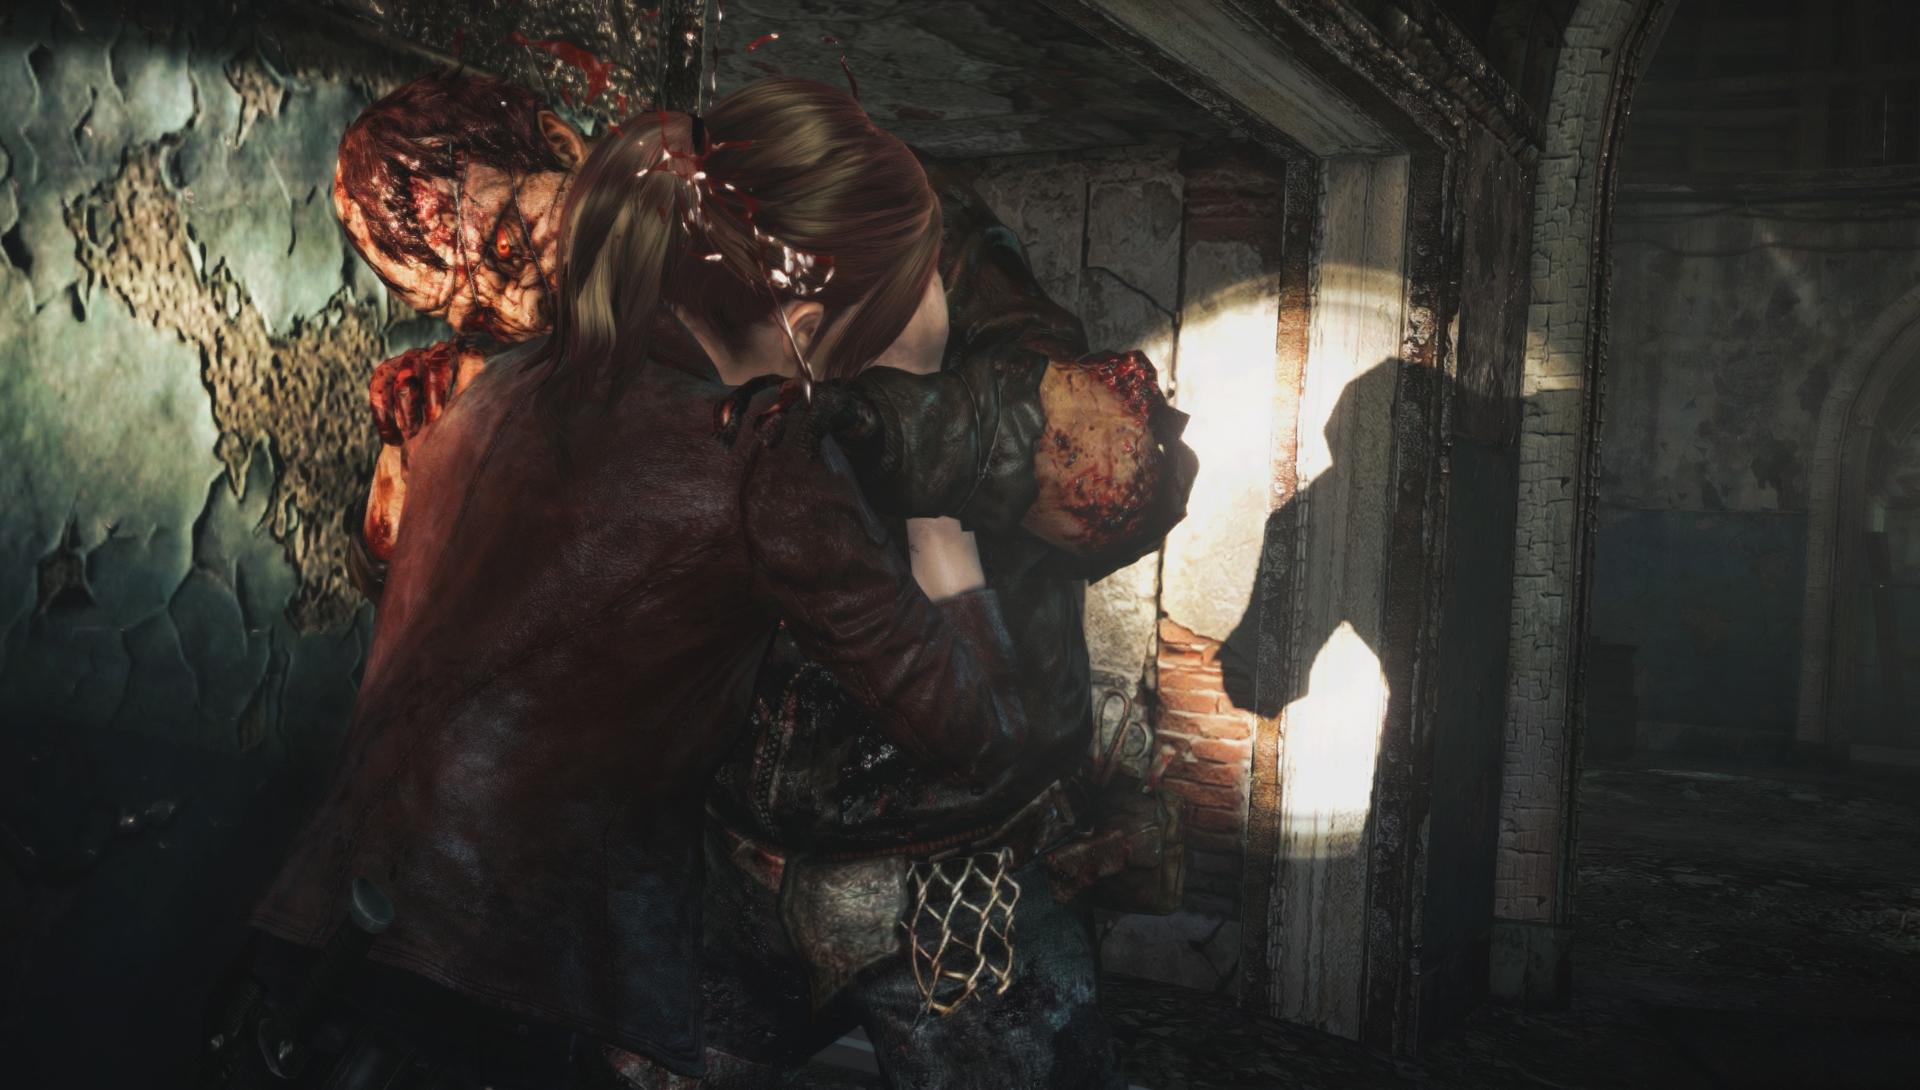 10 minut z Resident Evil: Revelations 2 101921